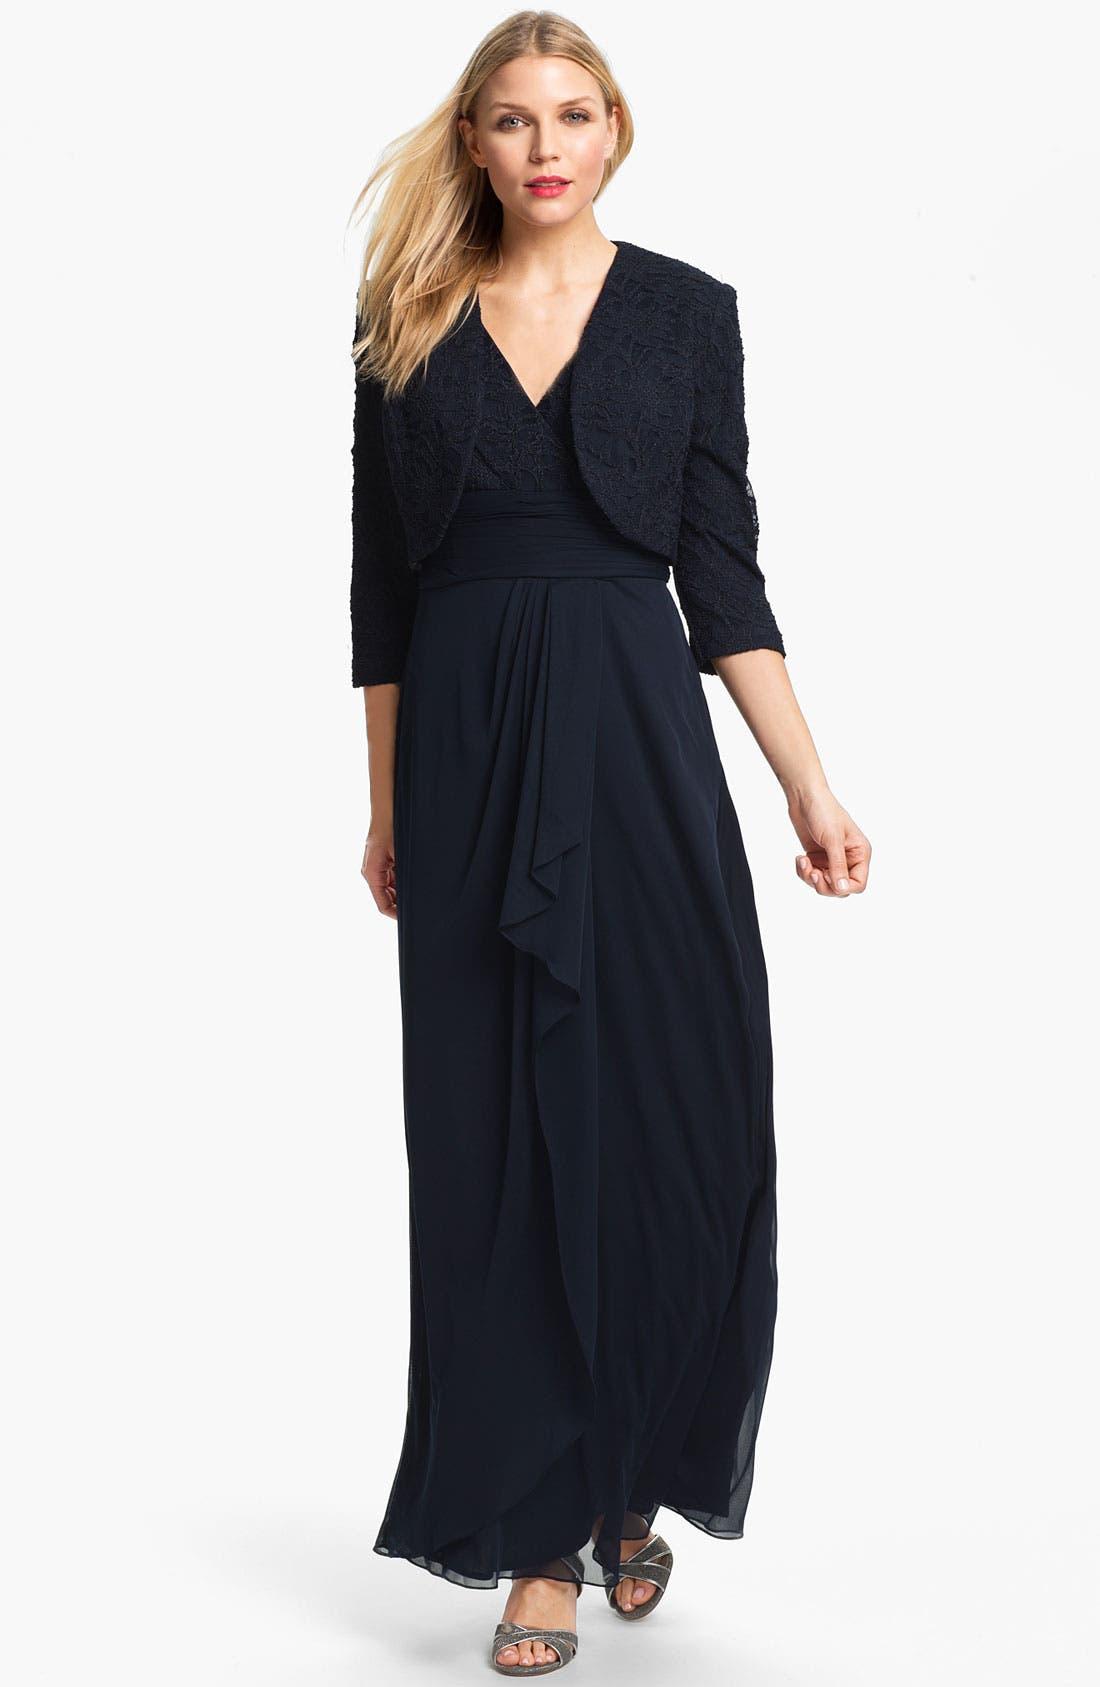 Alternate Image 1 Selected - Patra Matte Lace Chiffon Gown & Bolero